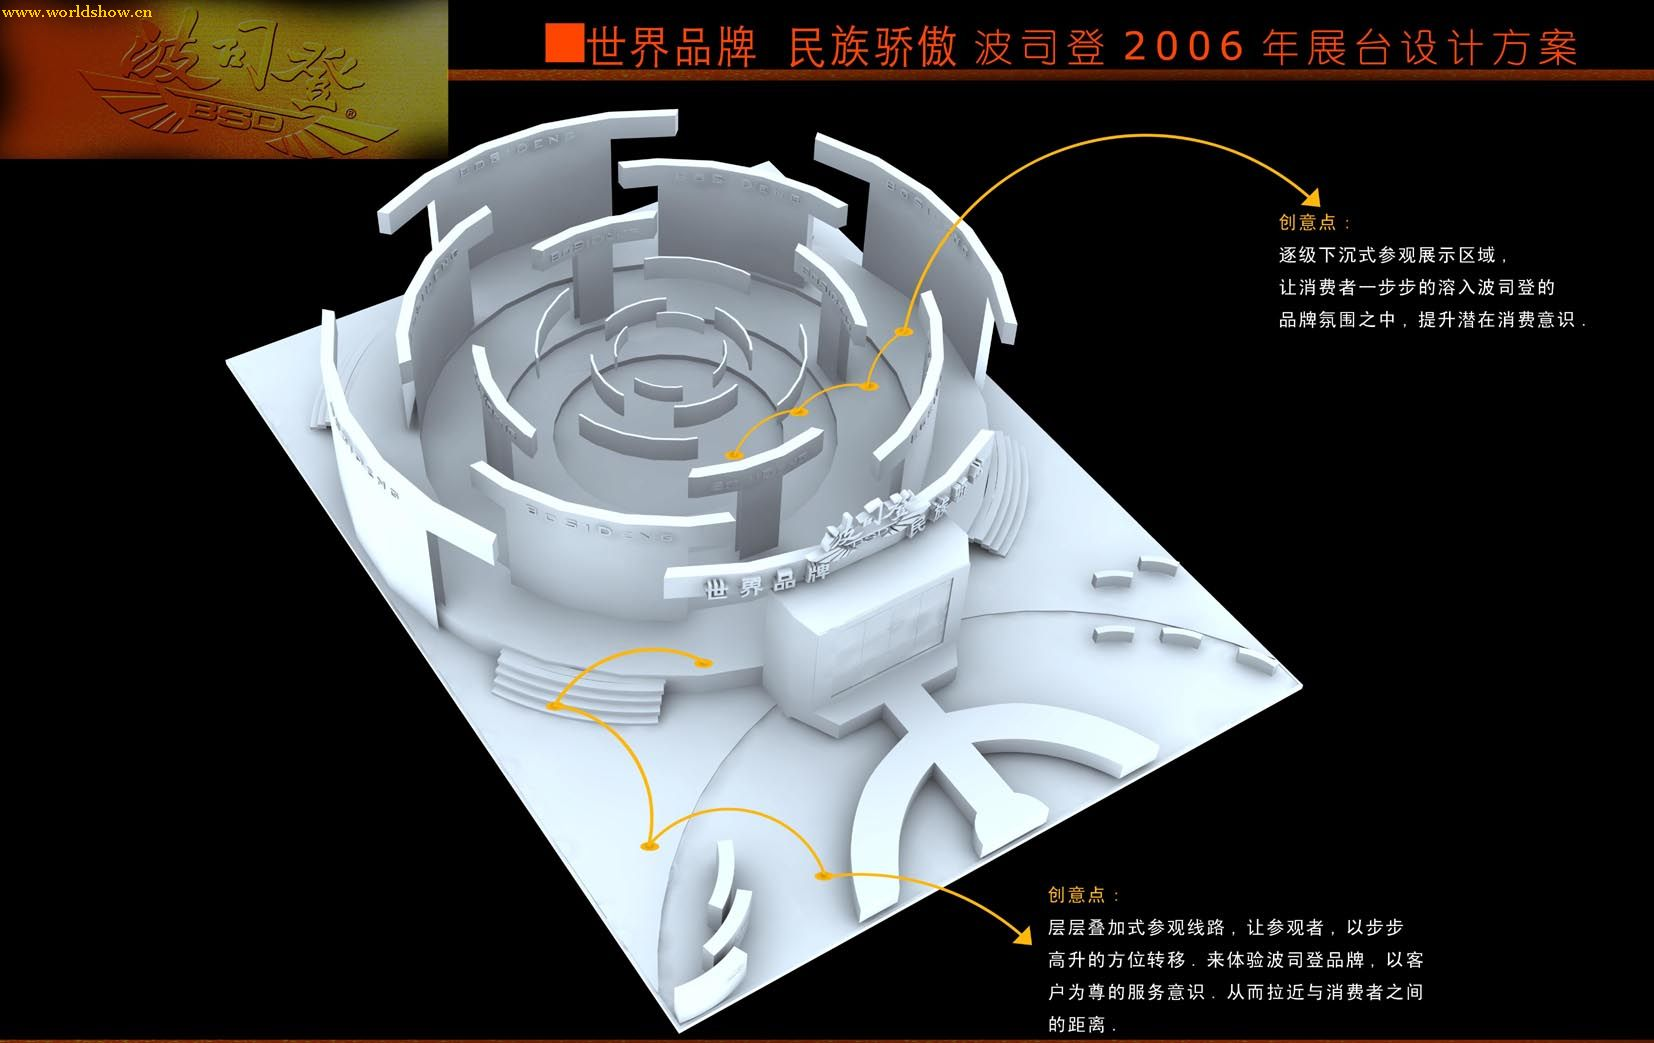 波司登展台设计方案模拟全景俯视图效果图欣赏